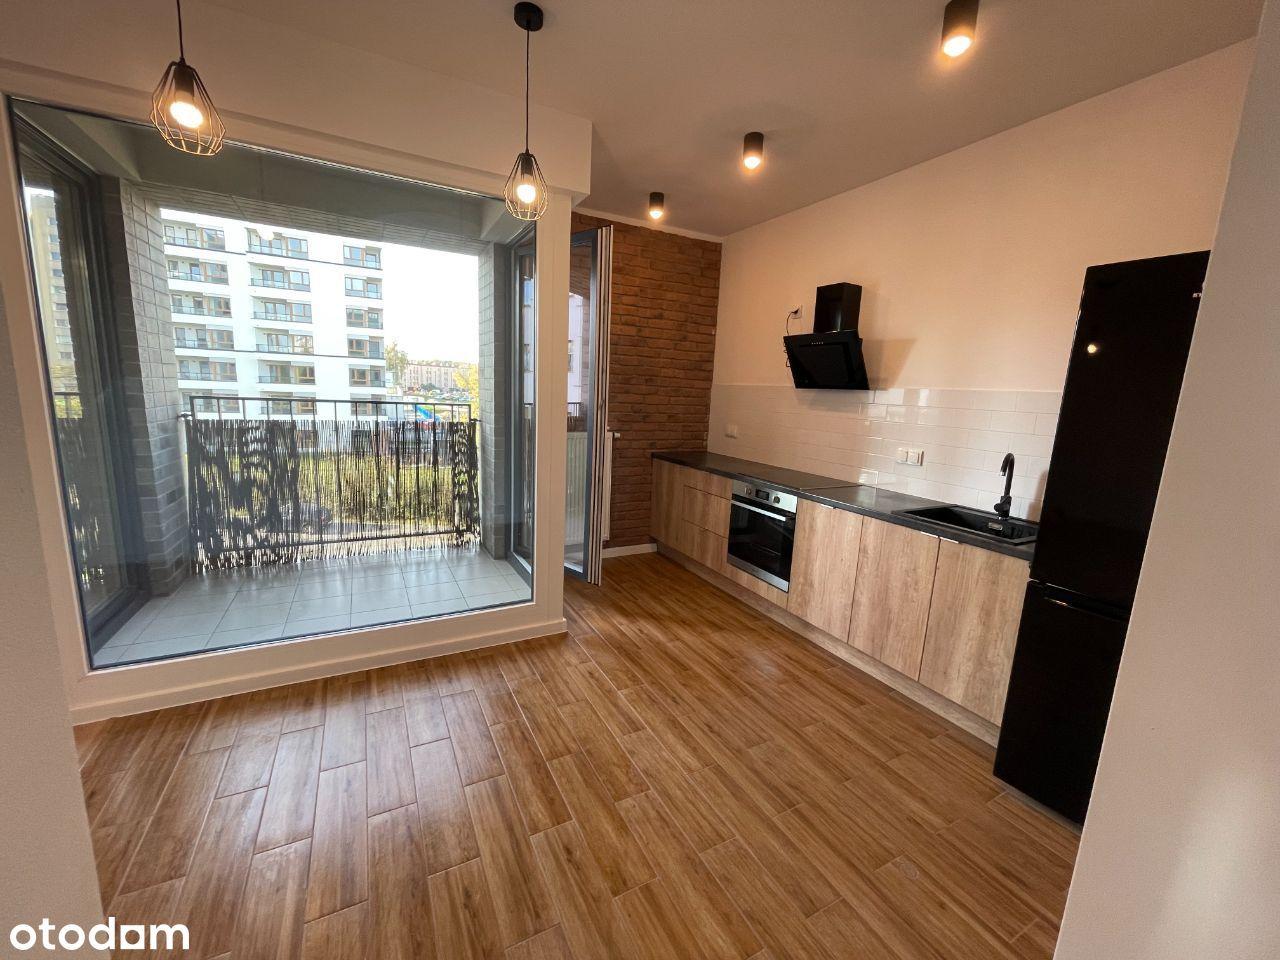 Mieszkanie 53m2, 3pokojowe, przy st. METRO z 2018